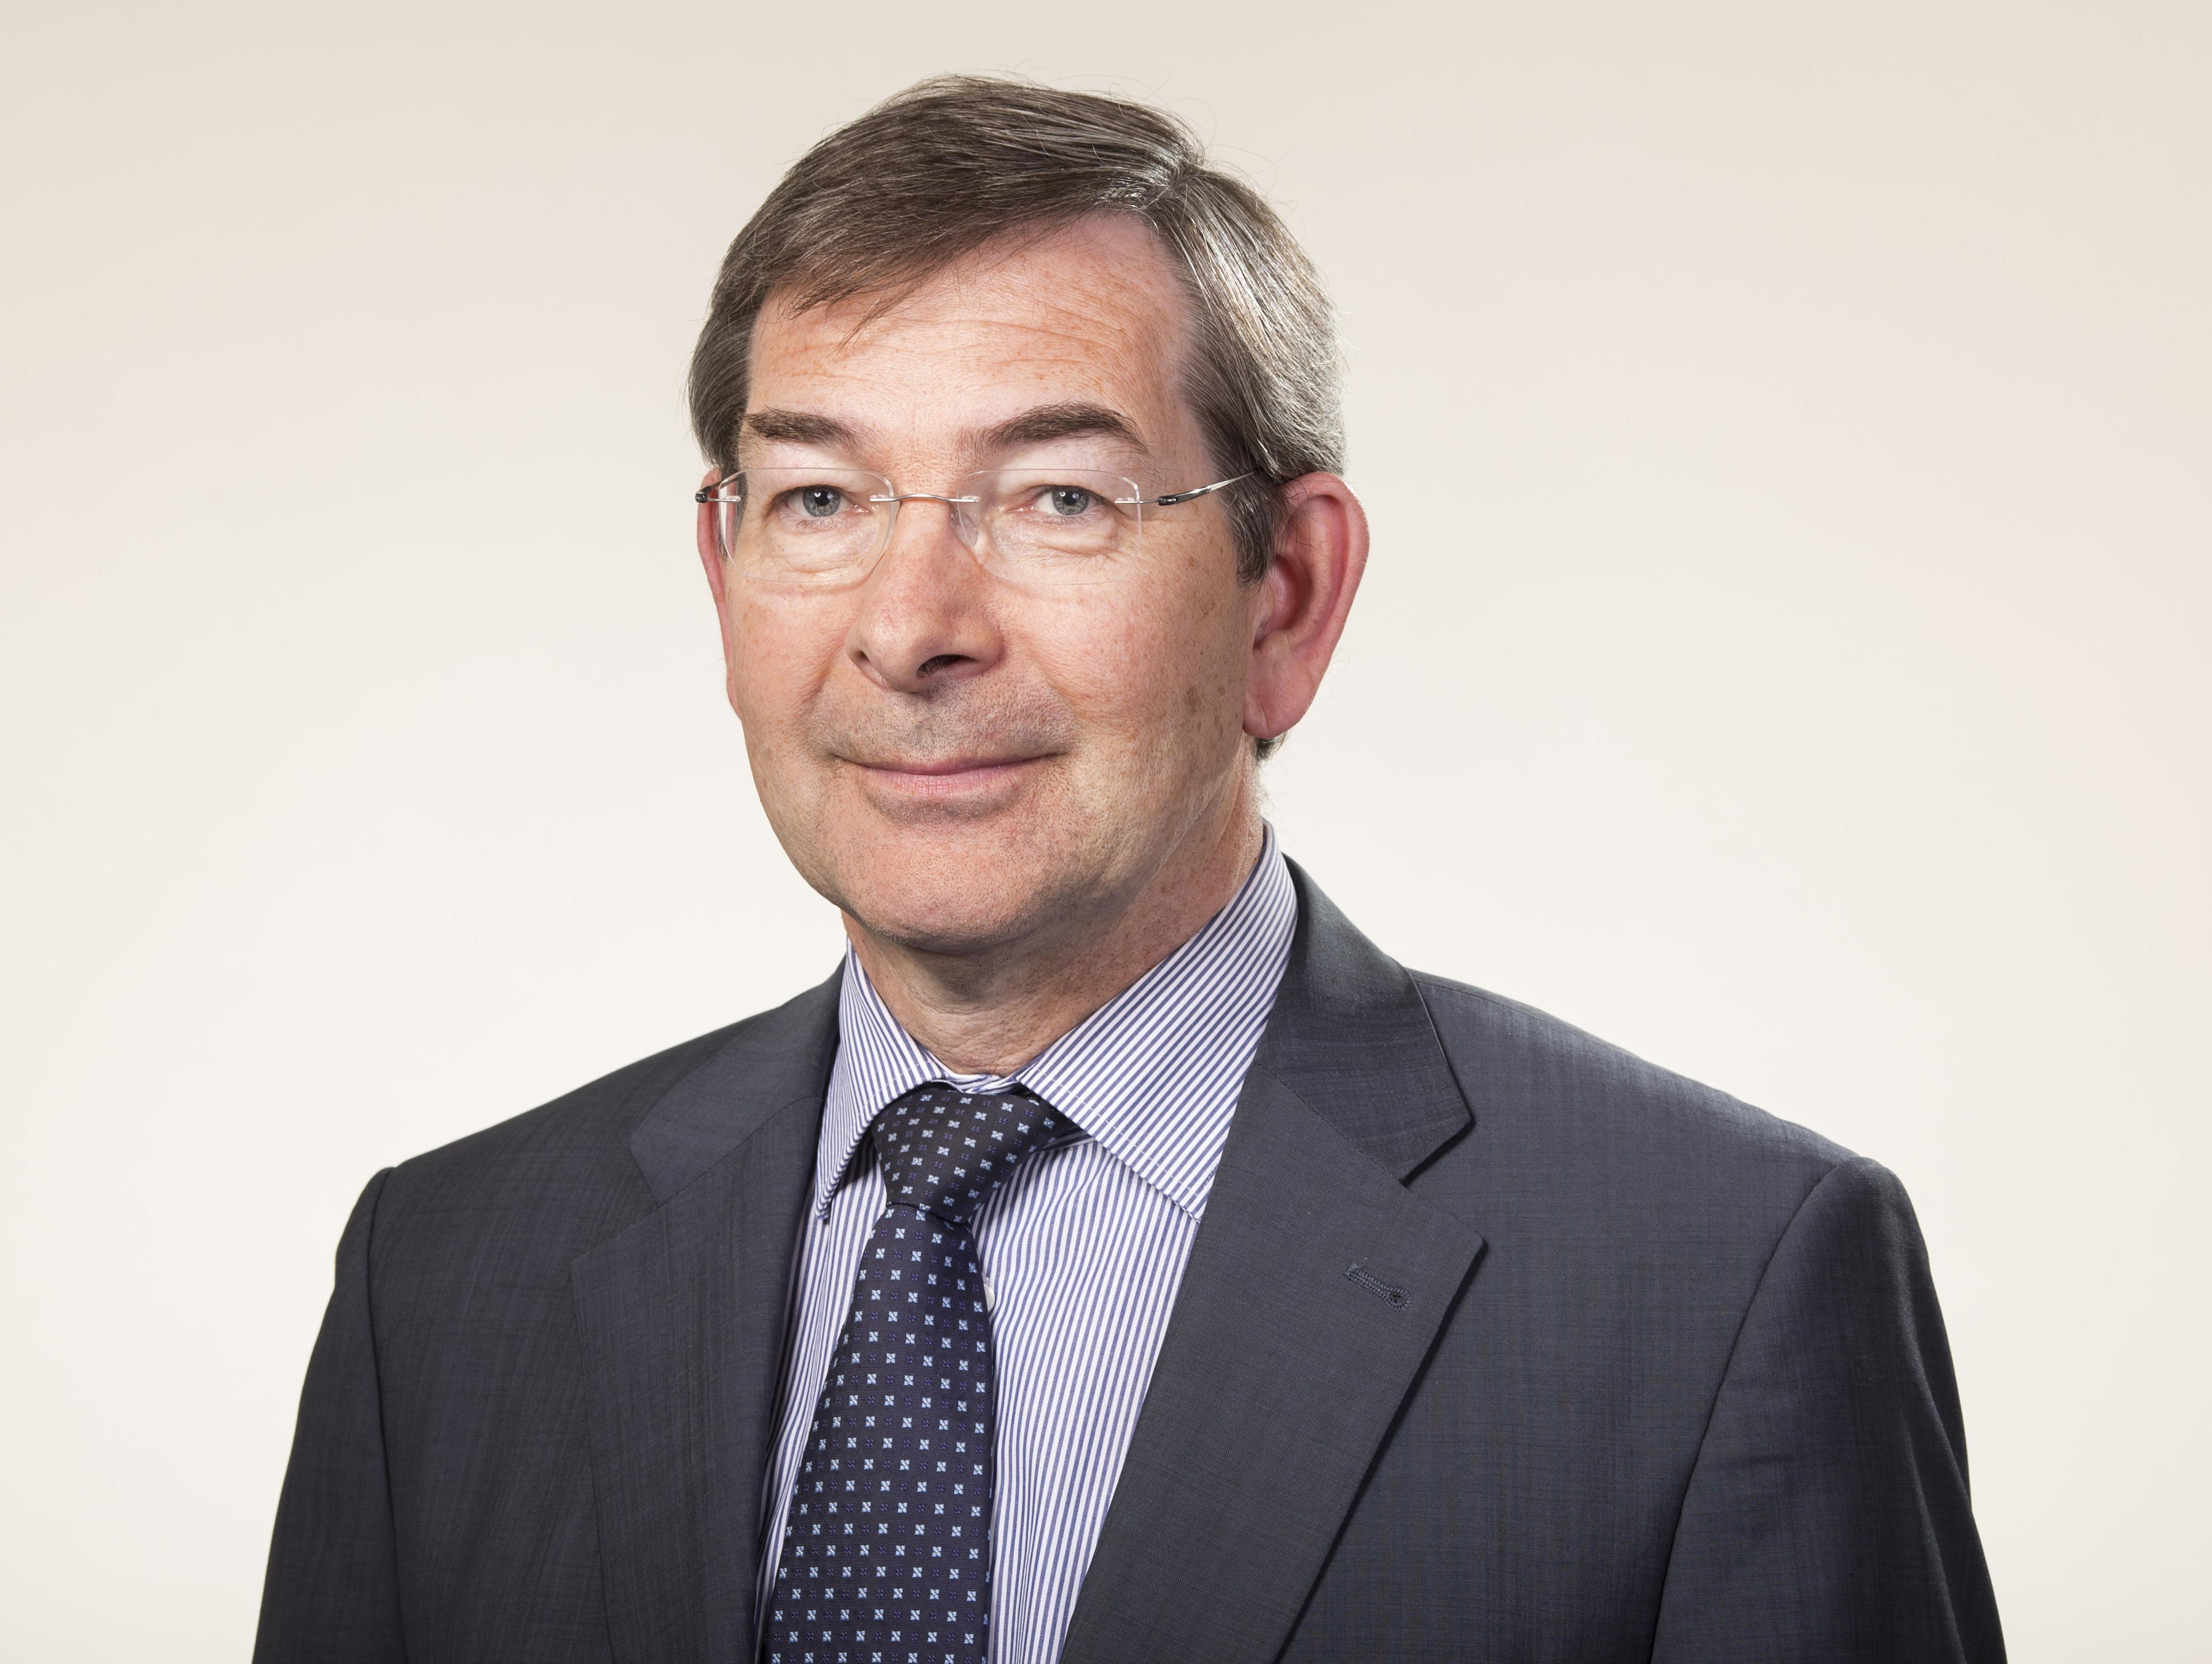 Dr. Christian Ruck